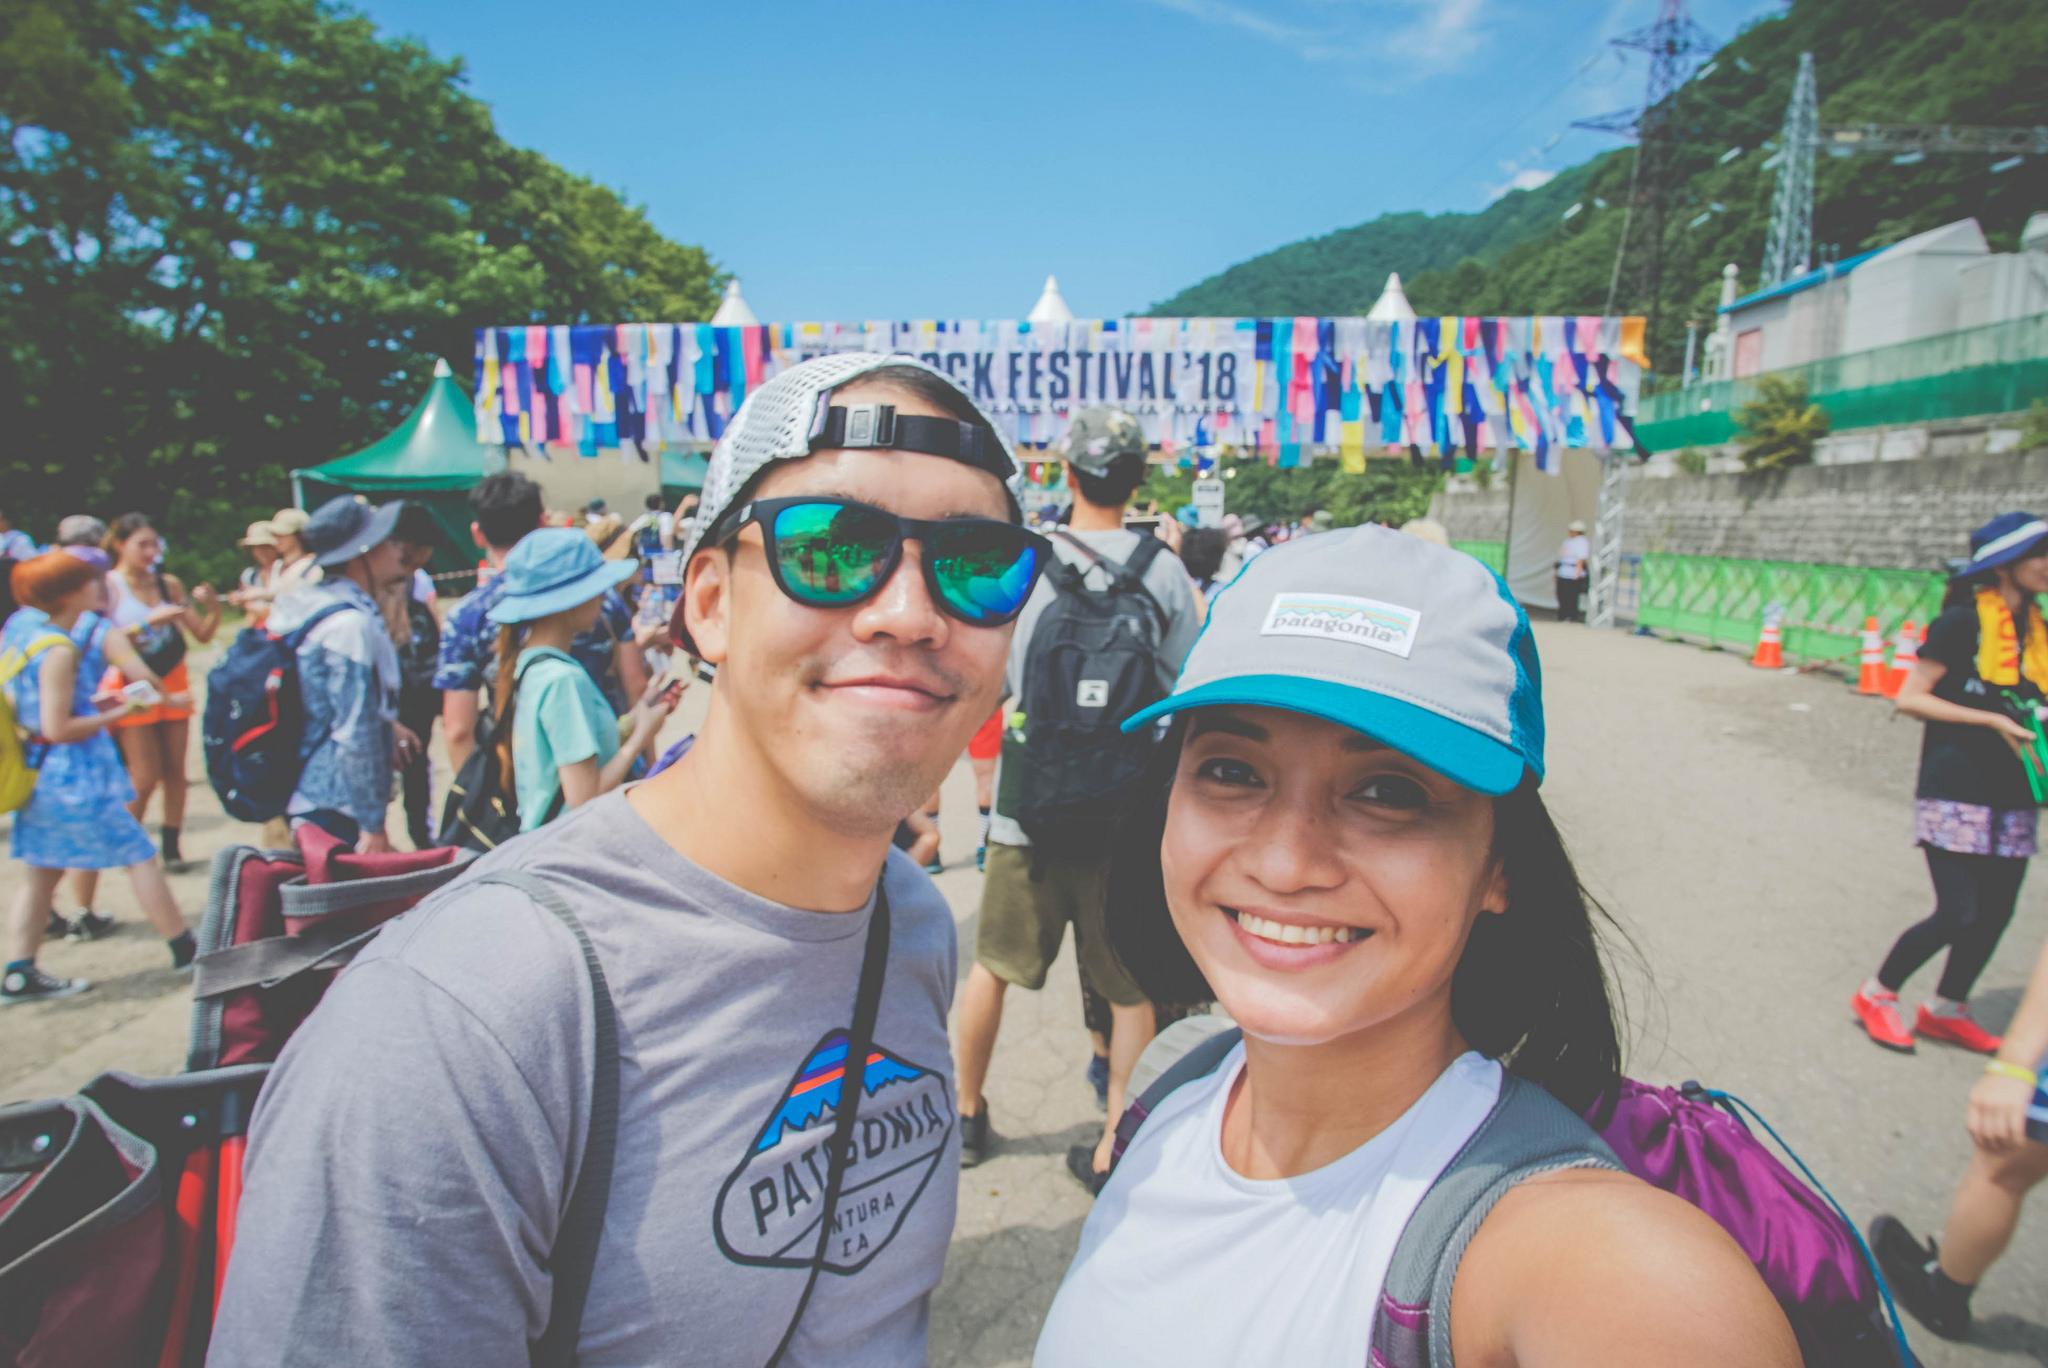 Fuji Rock 2018: Day 1